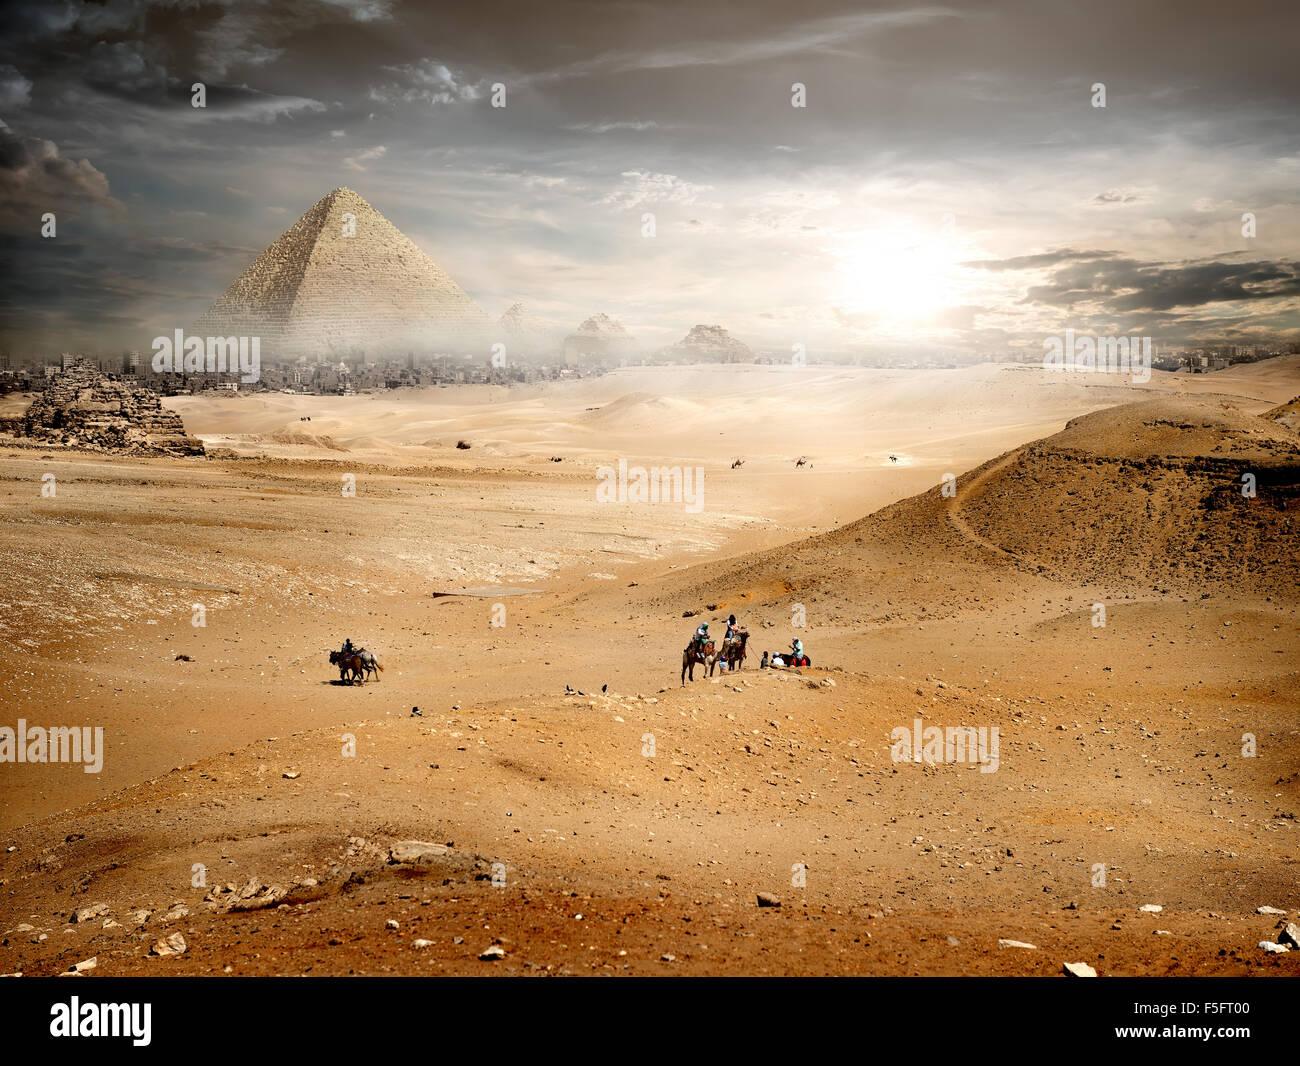 Nebel und Gewitterwolken über Pyramide in Wüste Stockbild